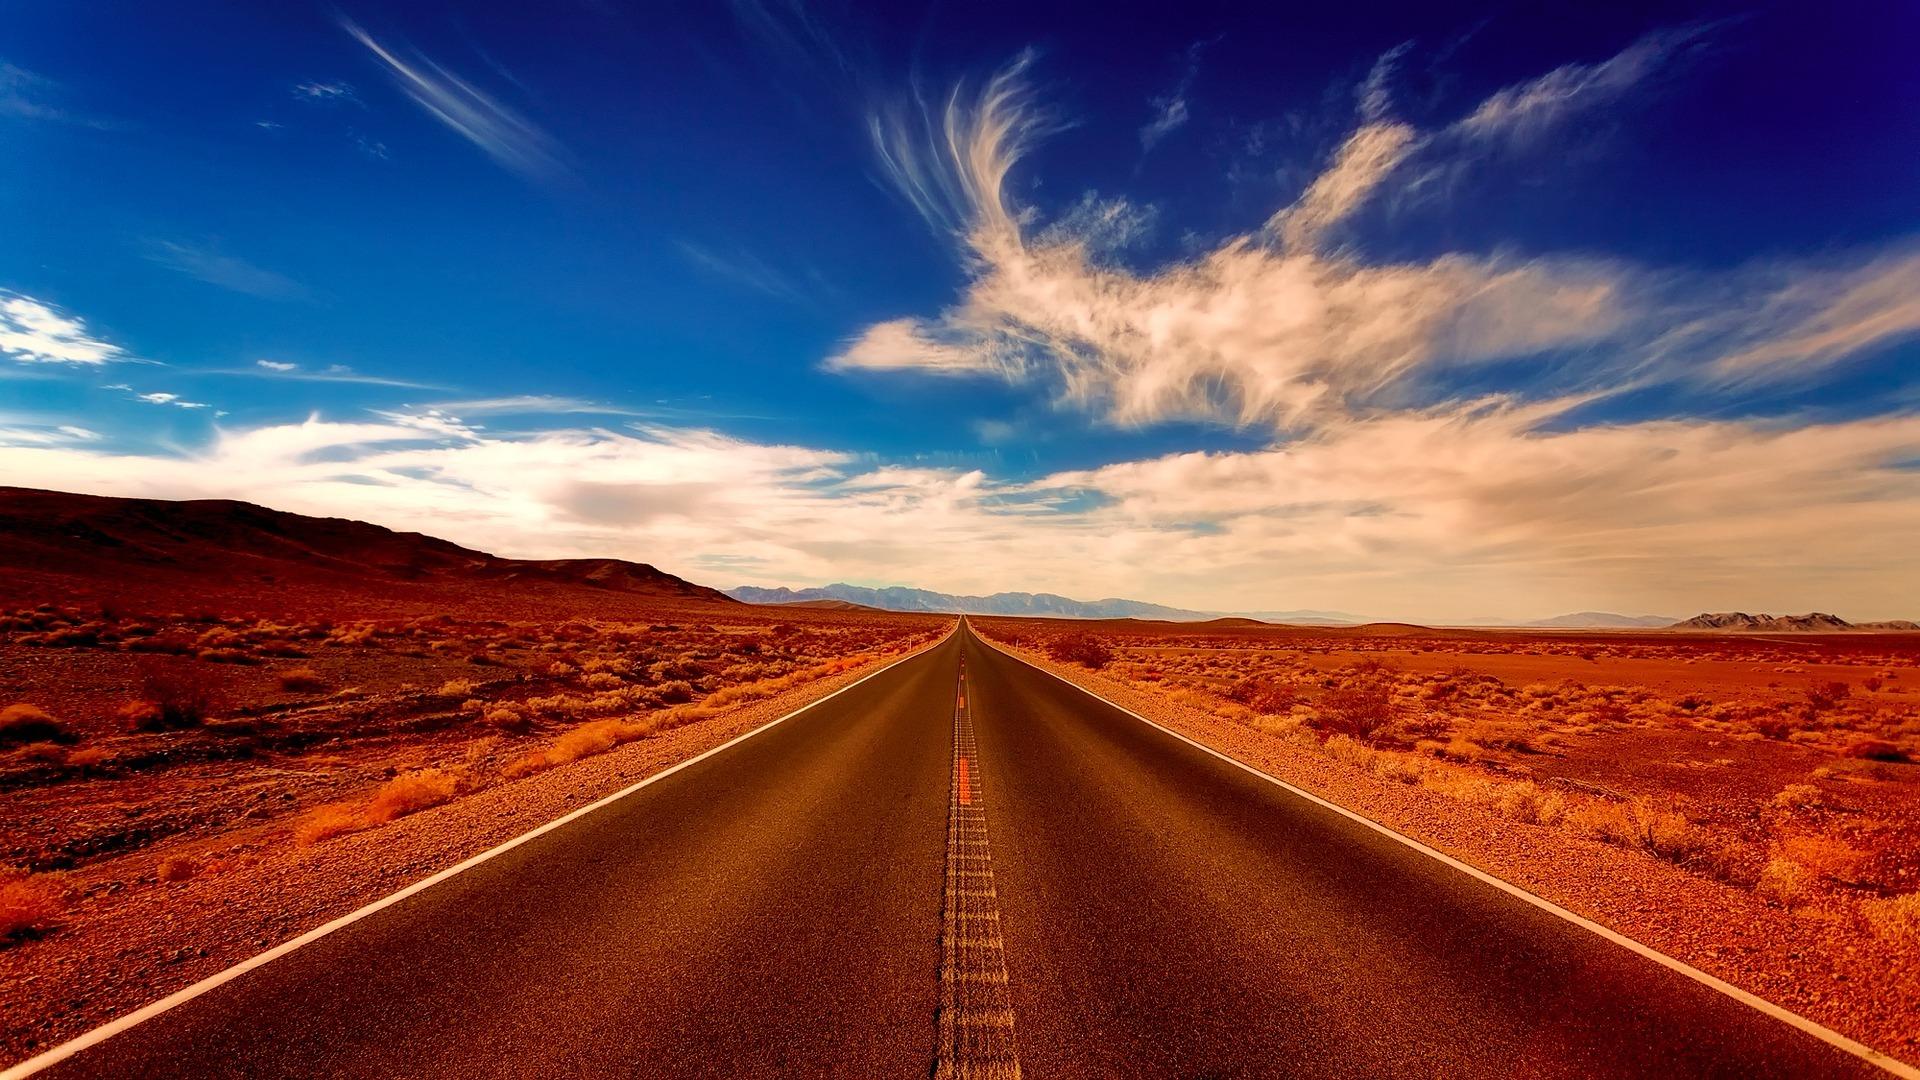 desert-2340326_1920.jpg